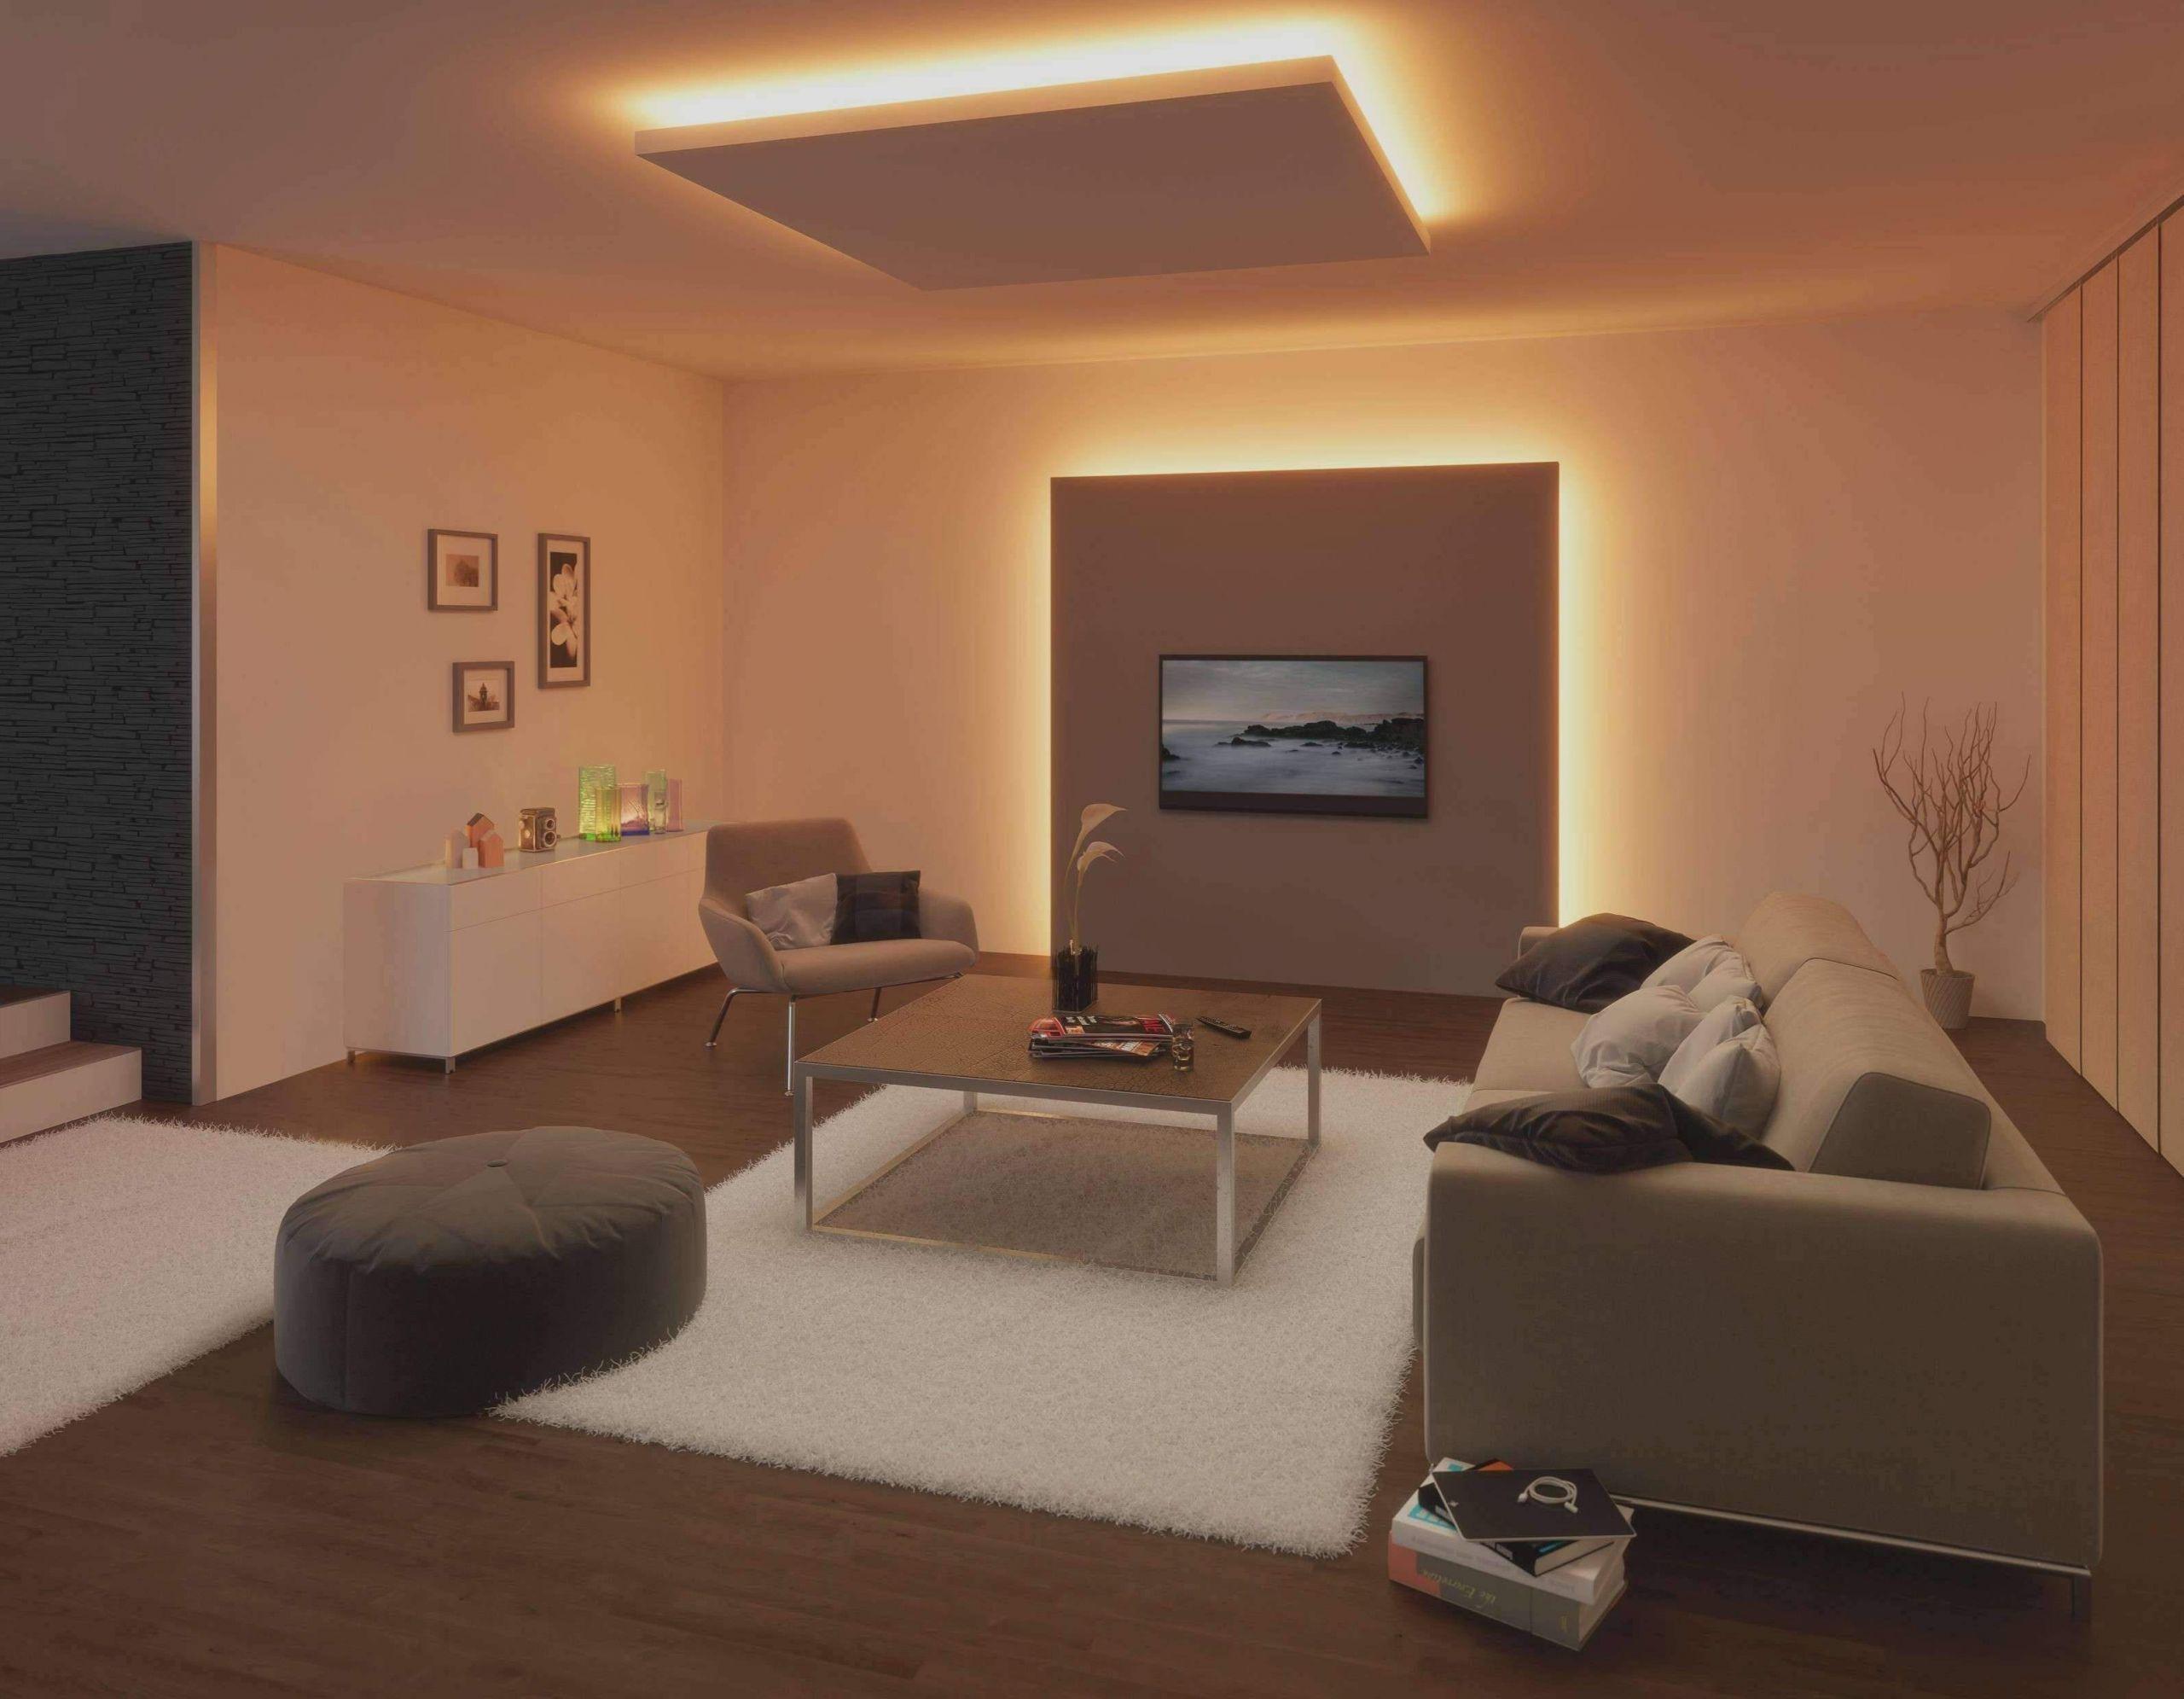 Full Size of Wohnzimmer Lampe Deckenstrahler Anordnung Moderne Dimmbar Led Einbau 32 Das Beste Von Luxus Frisch Teppiche Teppich Gardinen Deckenlampe Deckenleuchte Kommode Wohnzimmer Wohnzimmer Deckenstrahler